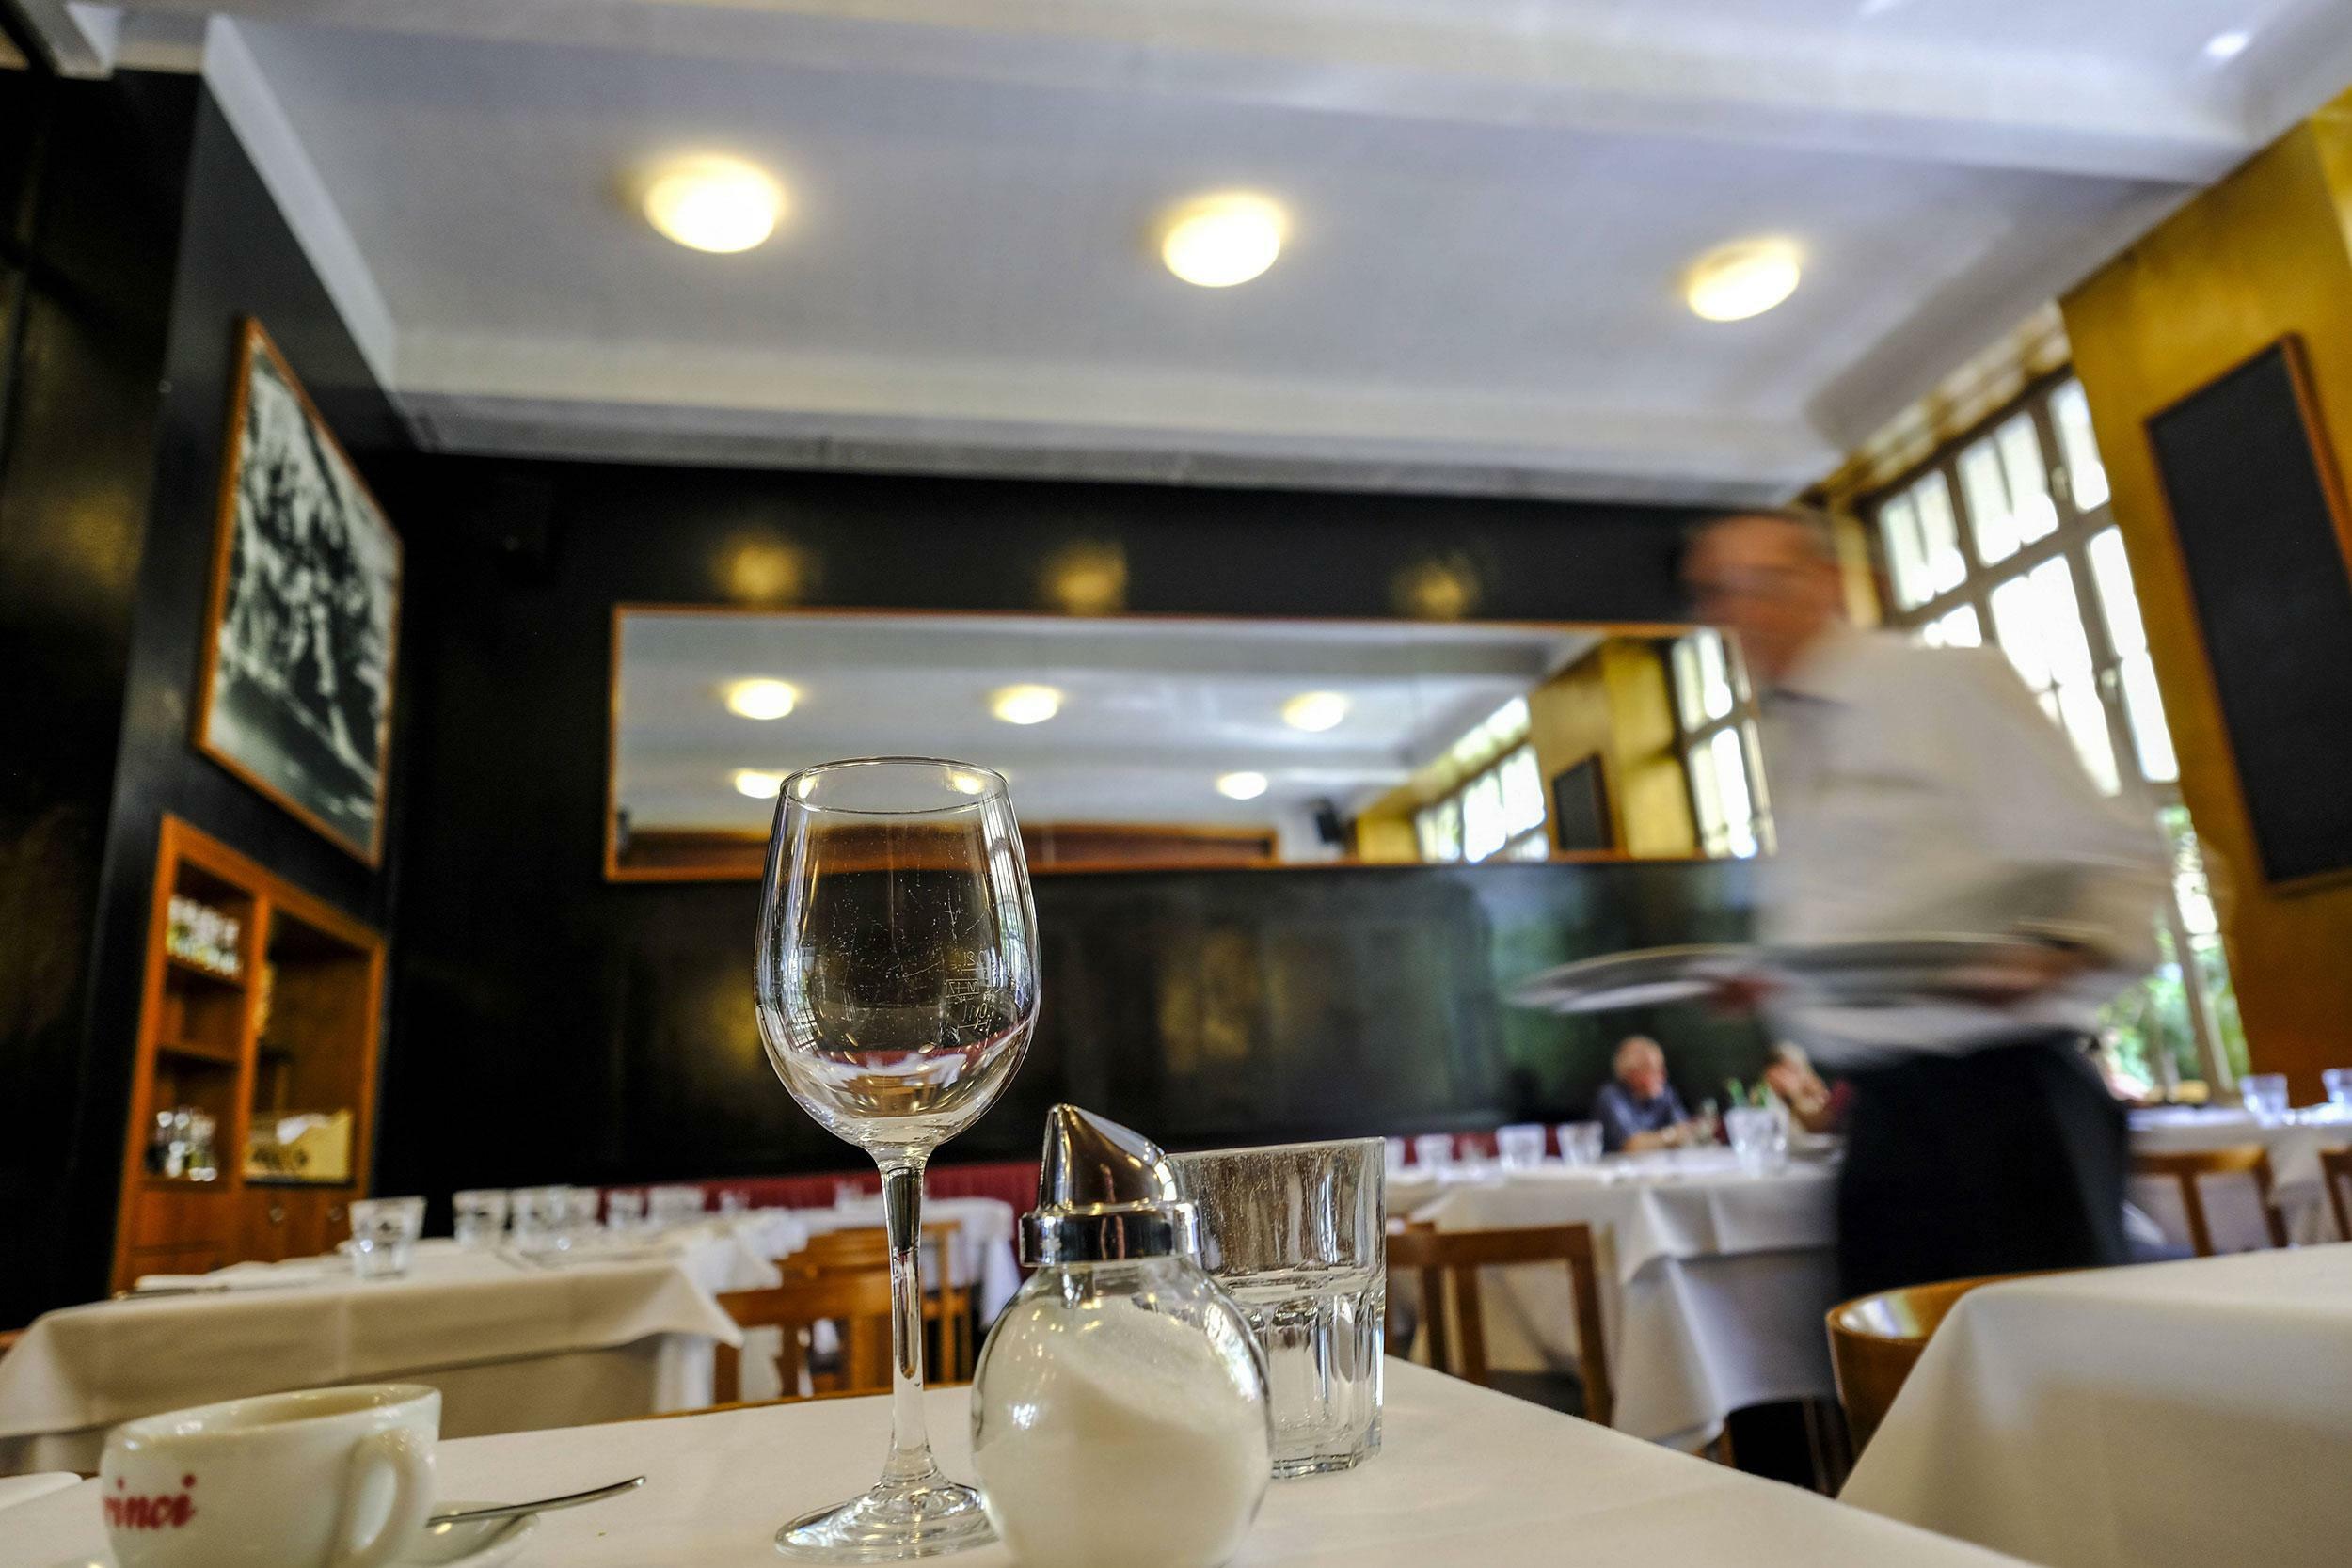 Frust im Restaurant: Auf die Bedienung kommt es an!